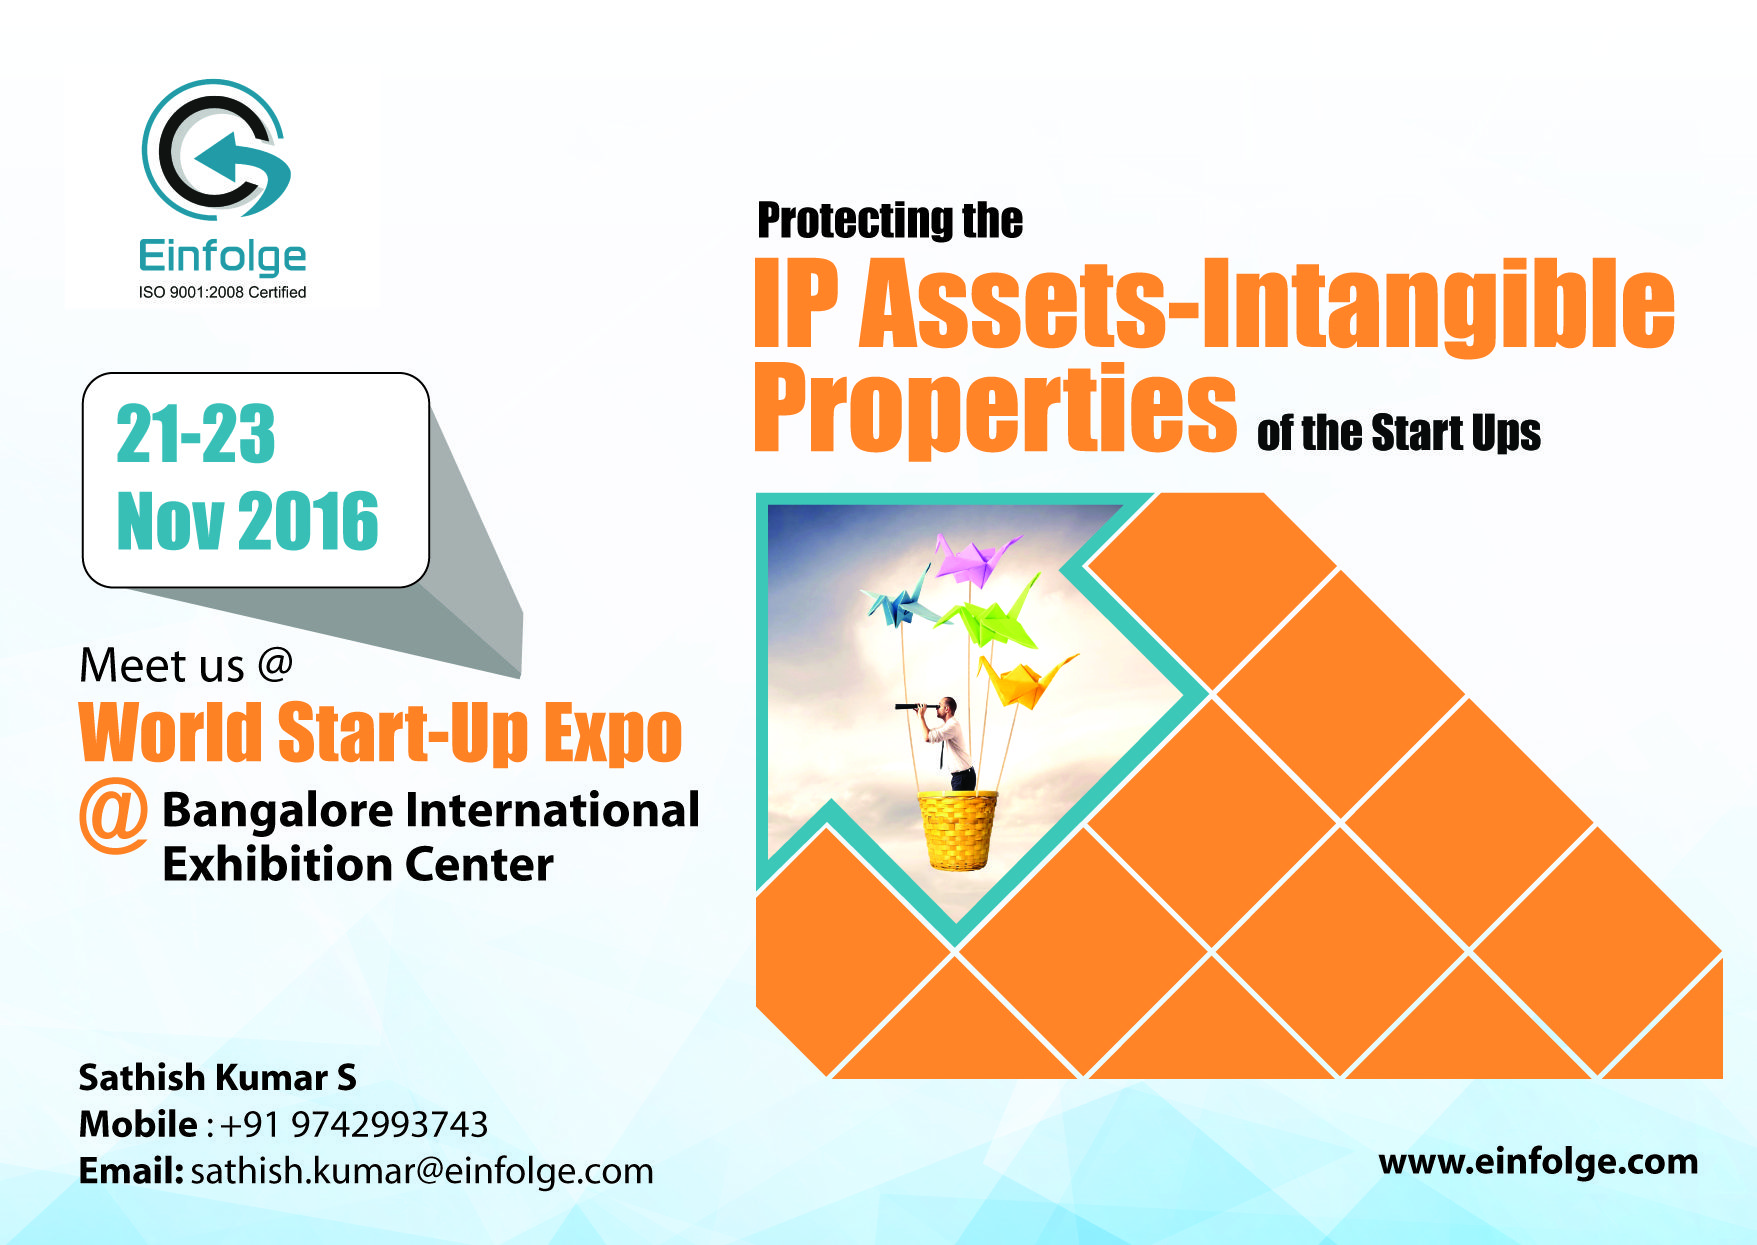 Einfolge Meet us @World Start-Up Expo @Bangalore #InternationalExhibition Center